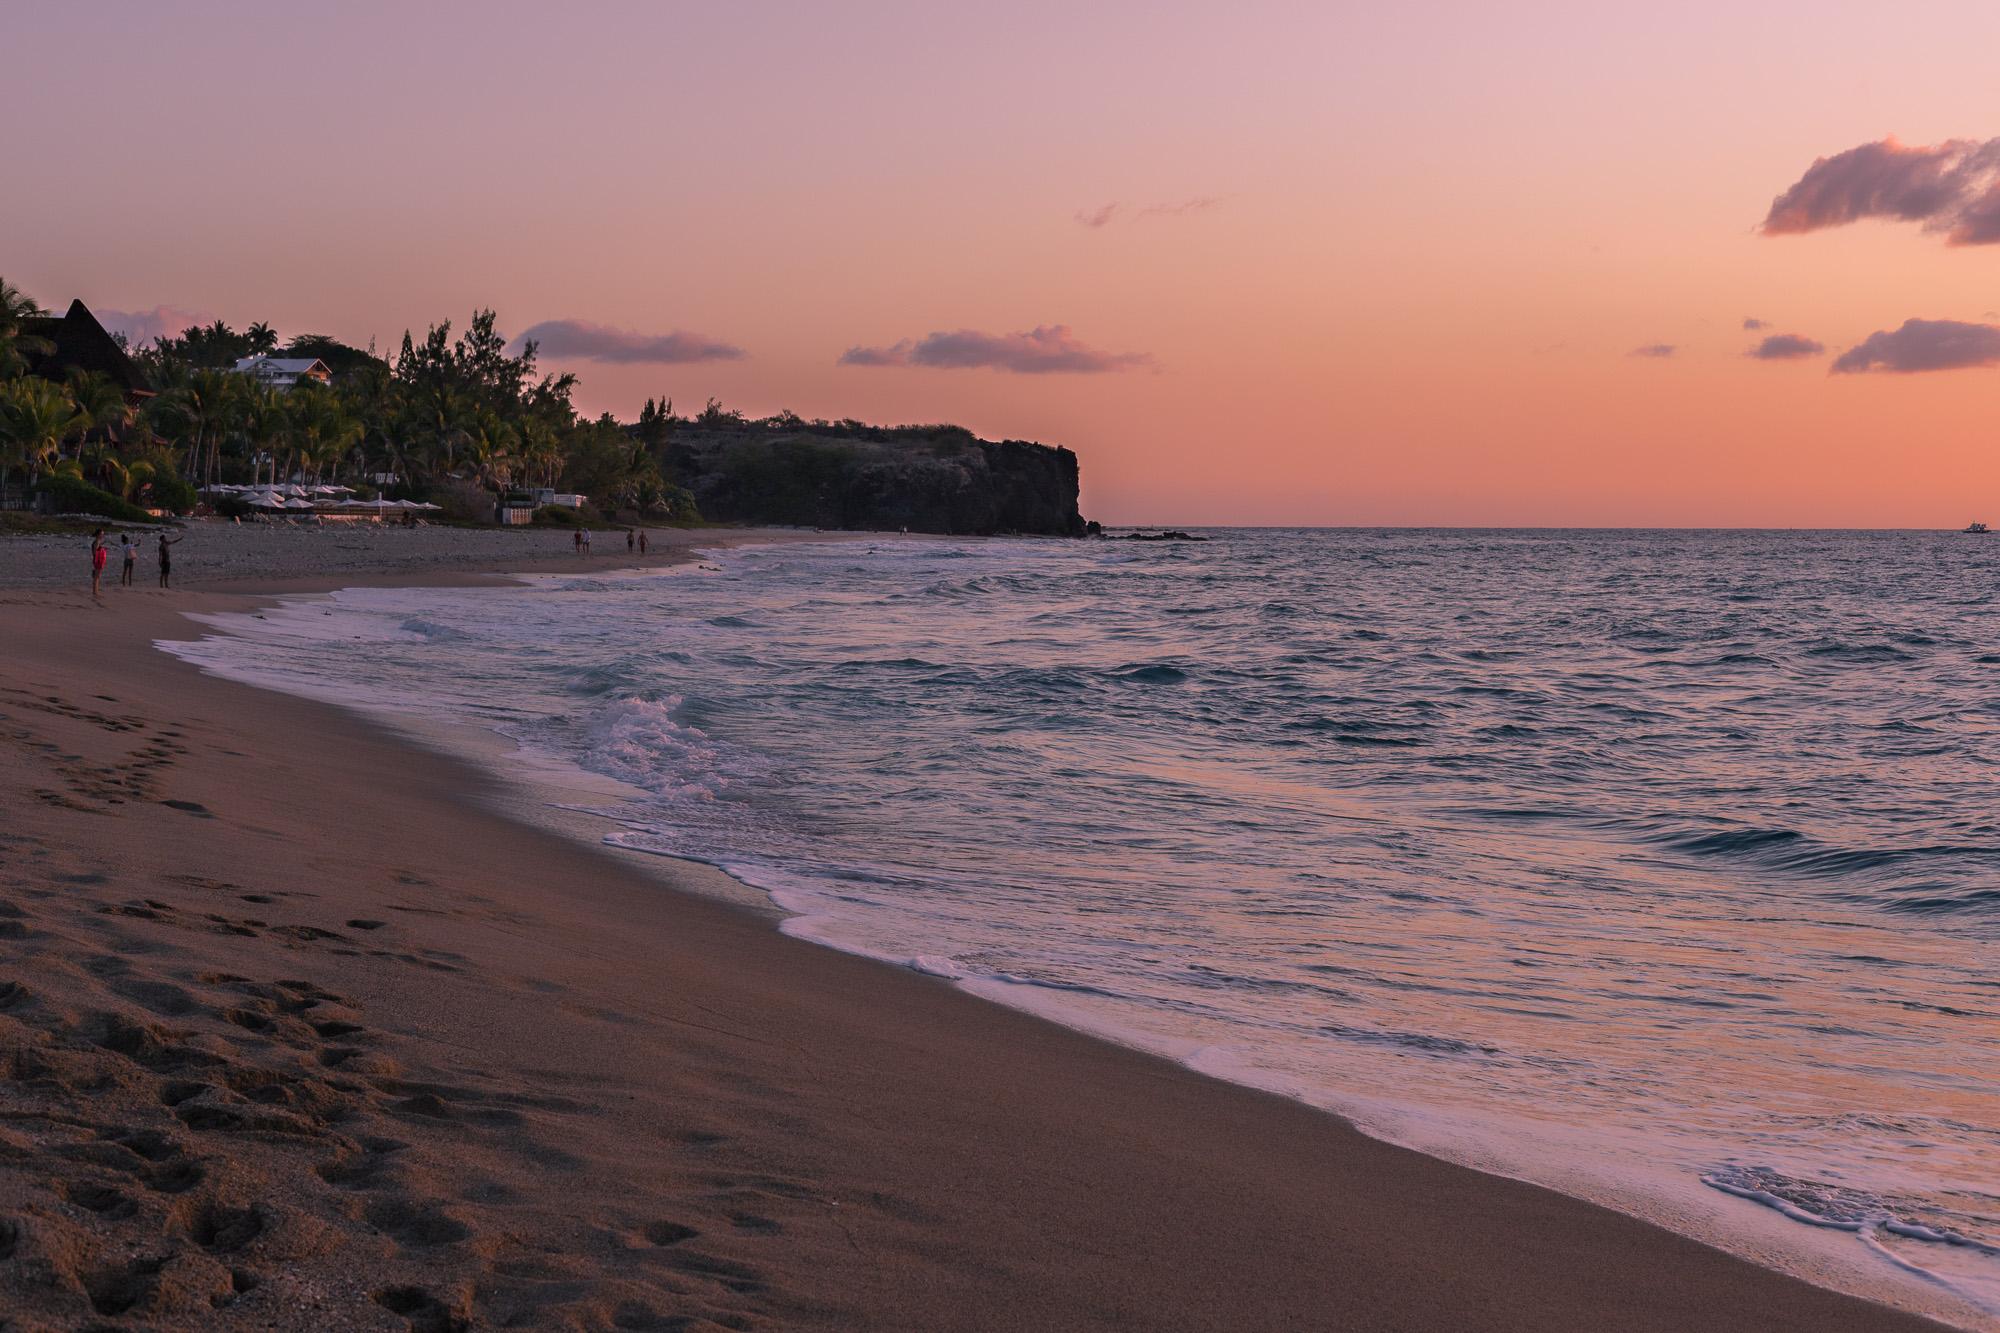 coucher de soleil sur la plage de Boucana-Canot, La Reunion